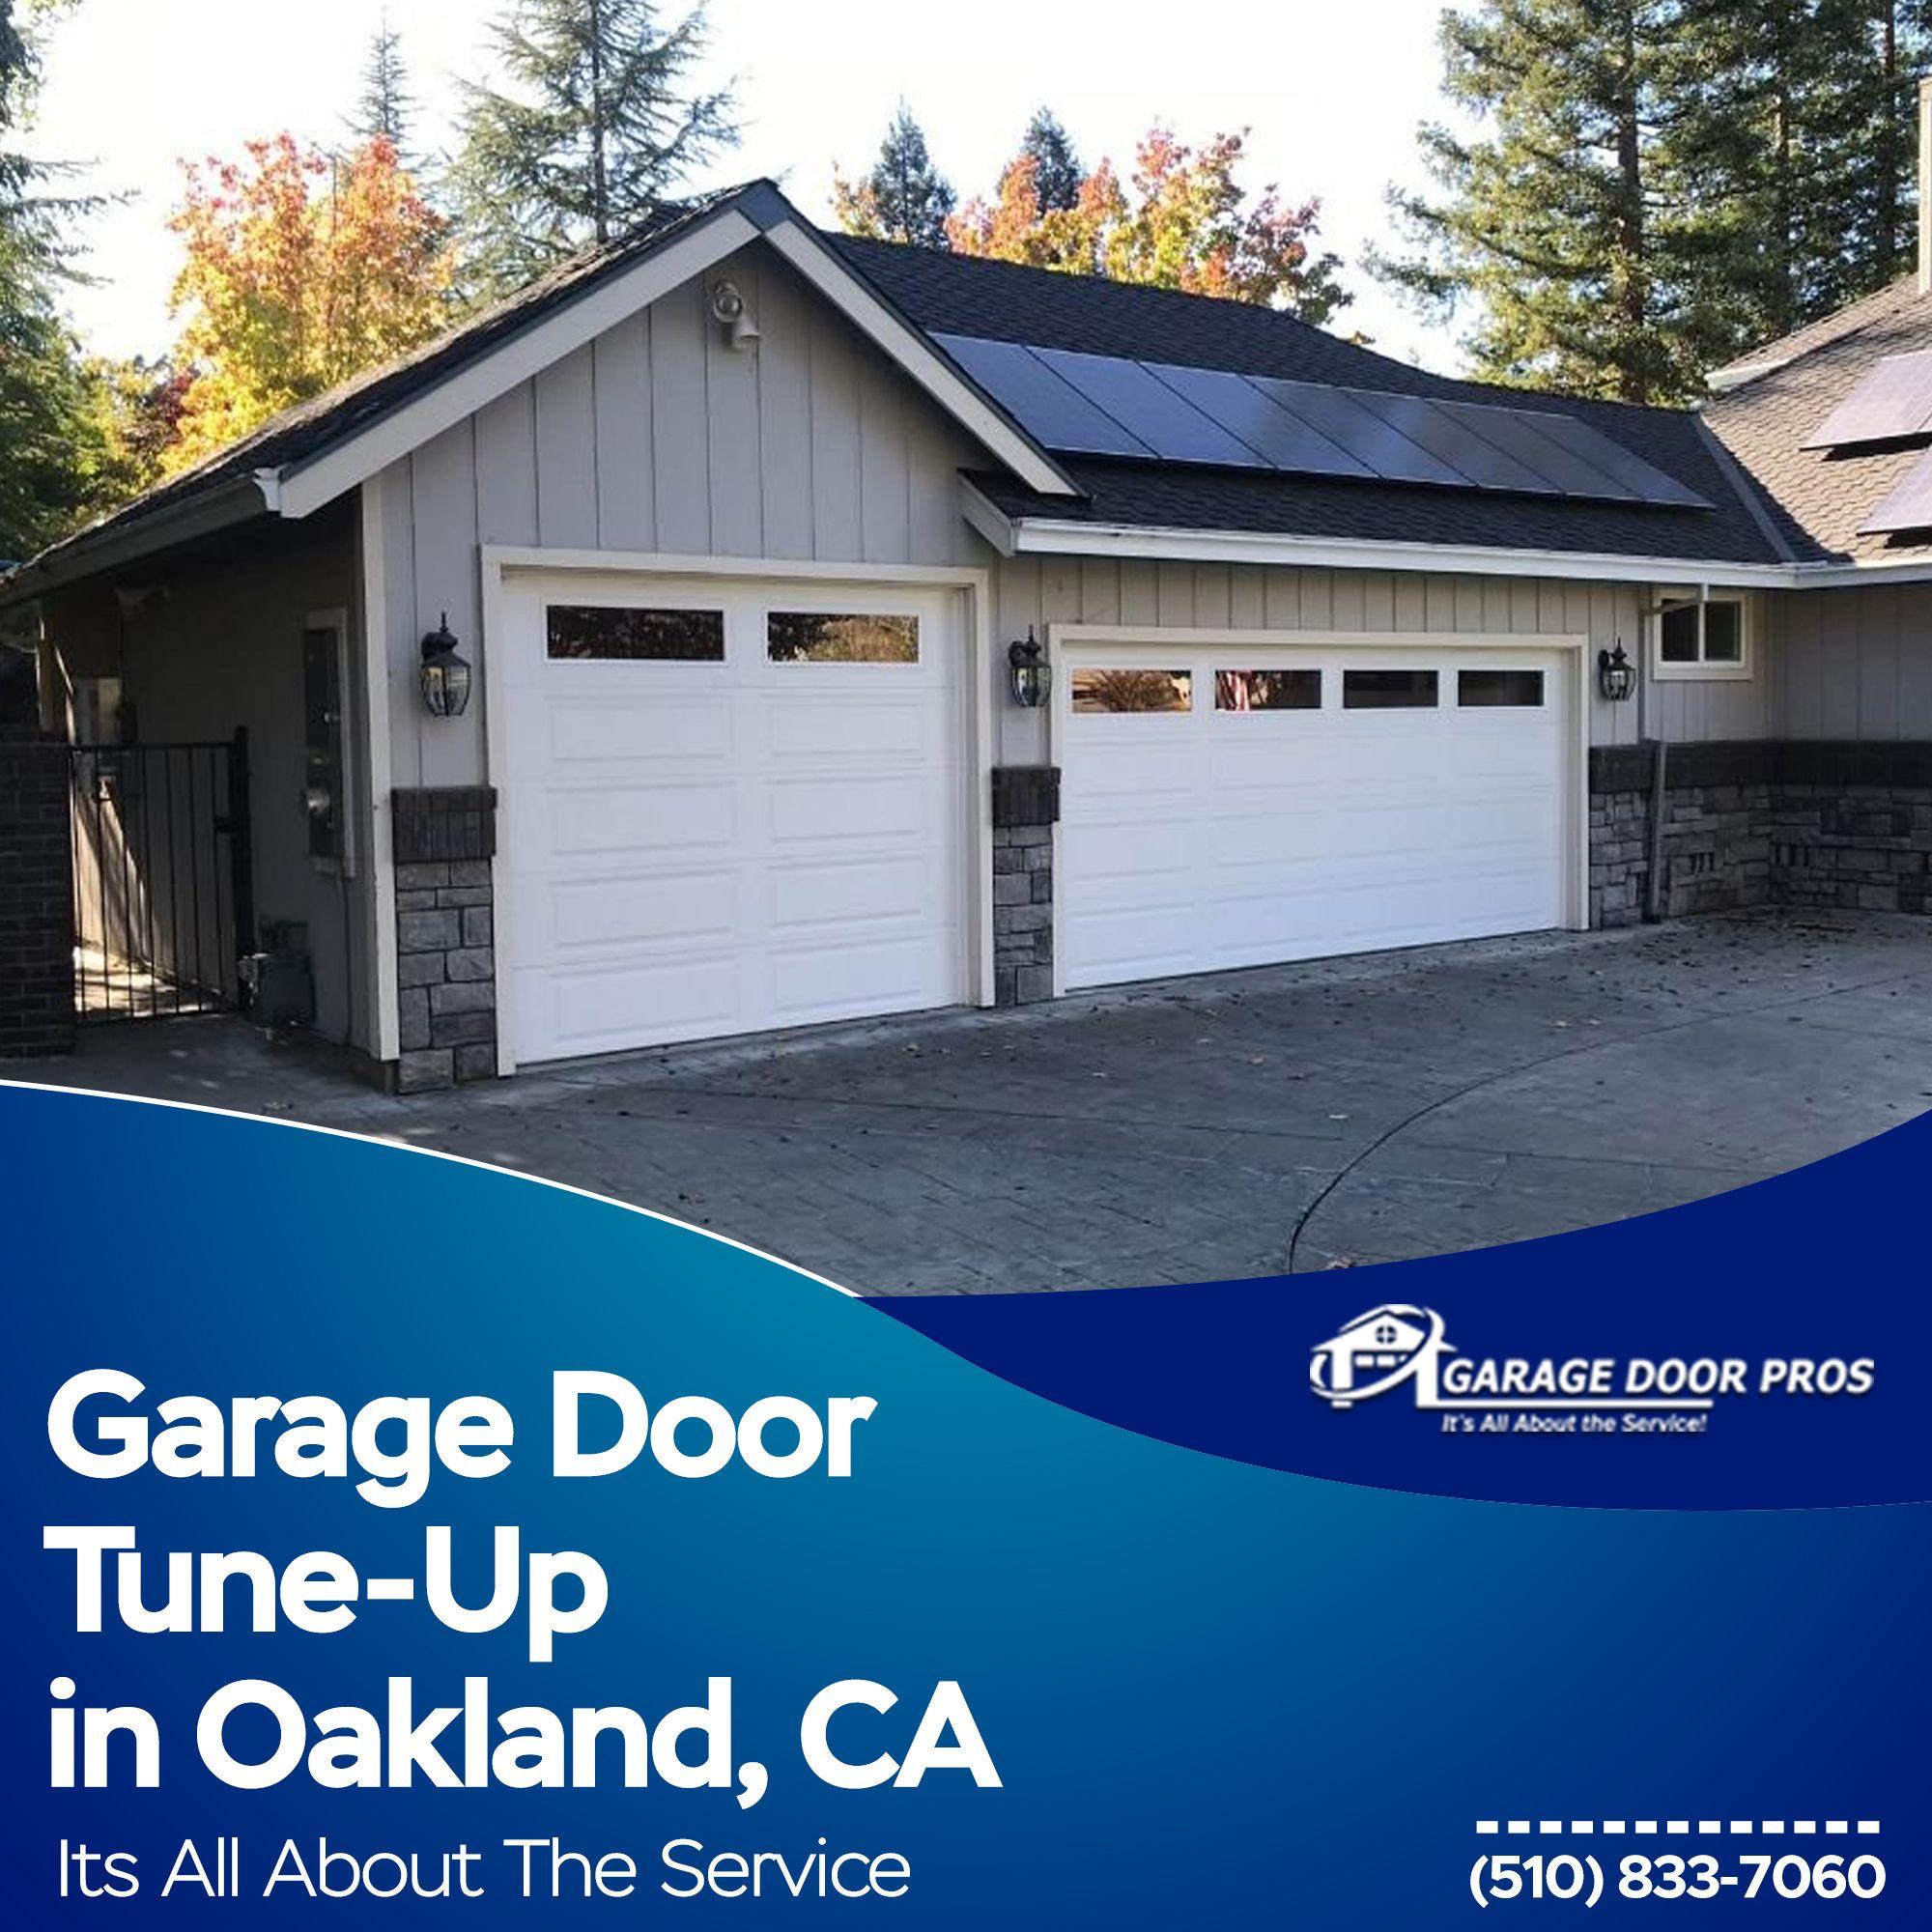 Call The Garage Door Pros For All Your Garage Door Tune Up Needs In Oakland We Have A Team Of Friendly Consultants Ready To Dispatch In 2020 Garage Doors Doors Garage